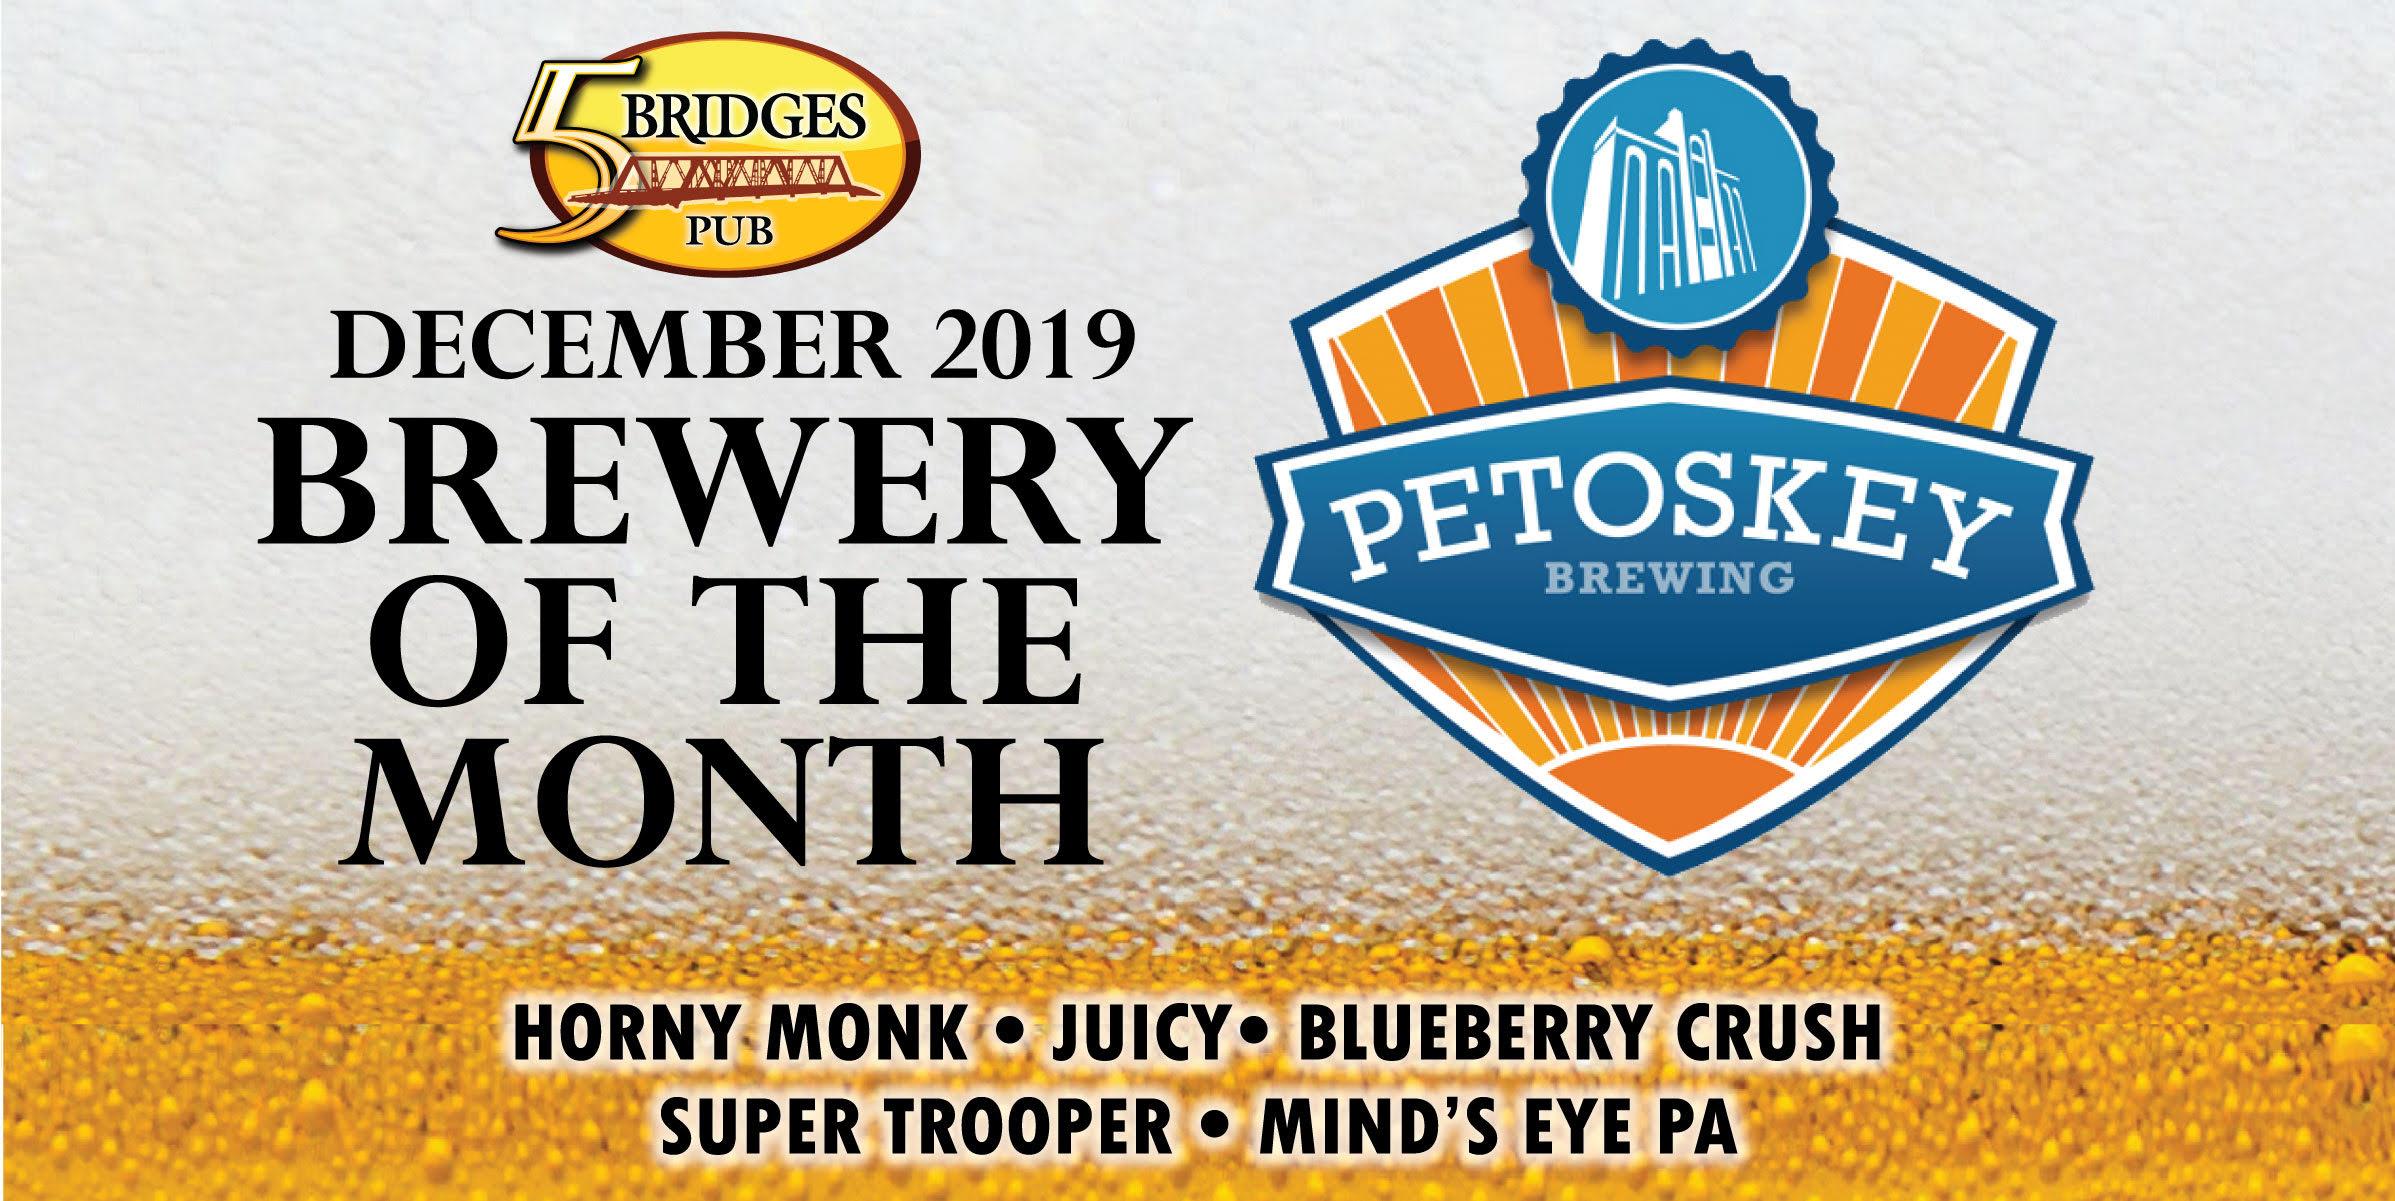 Petoskey Brewing at 5 Bridges Pub